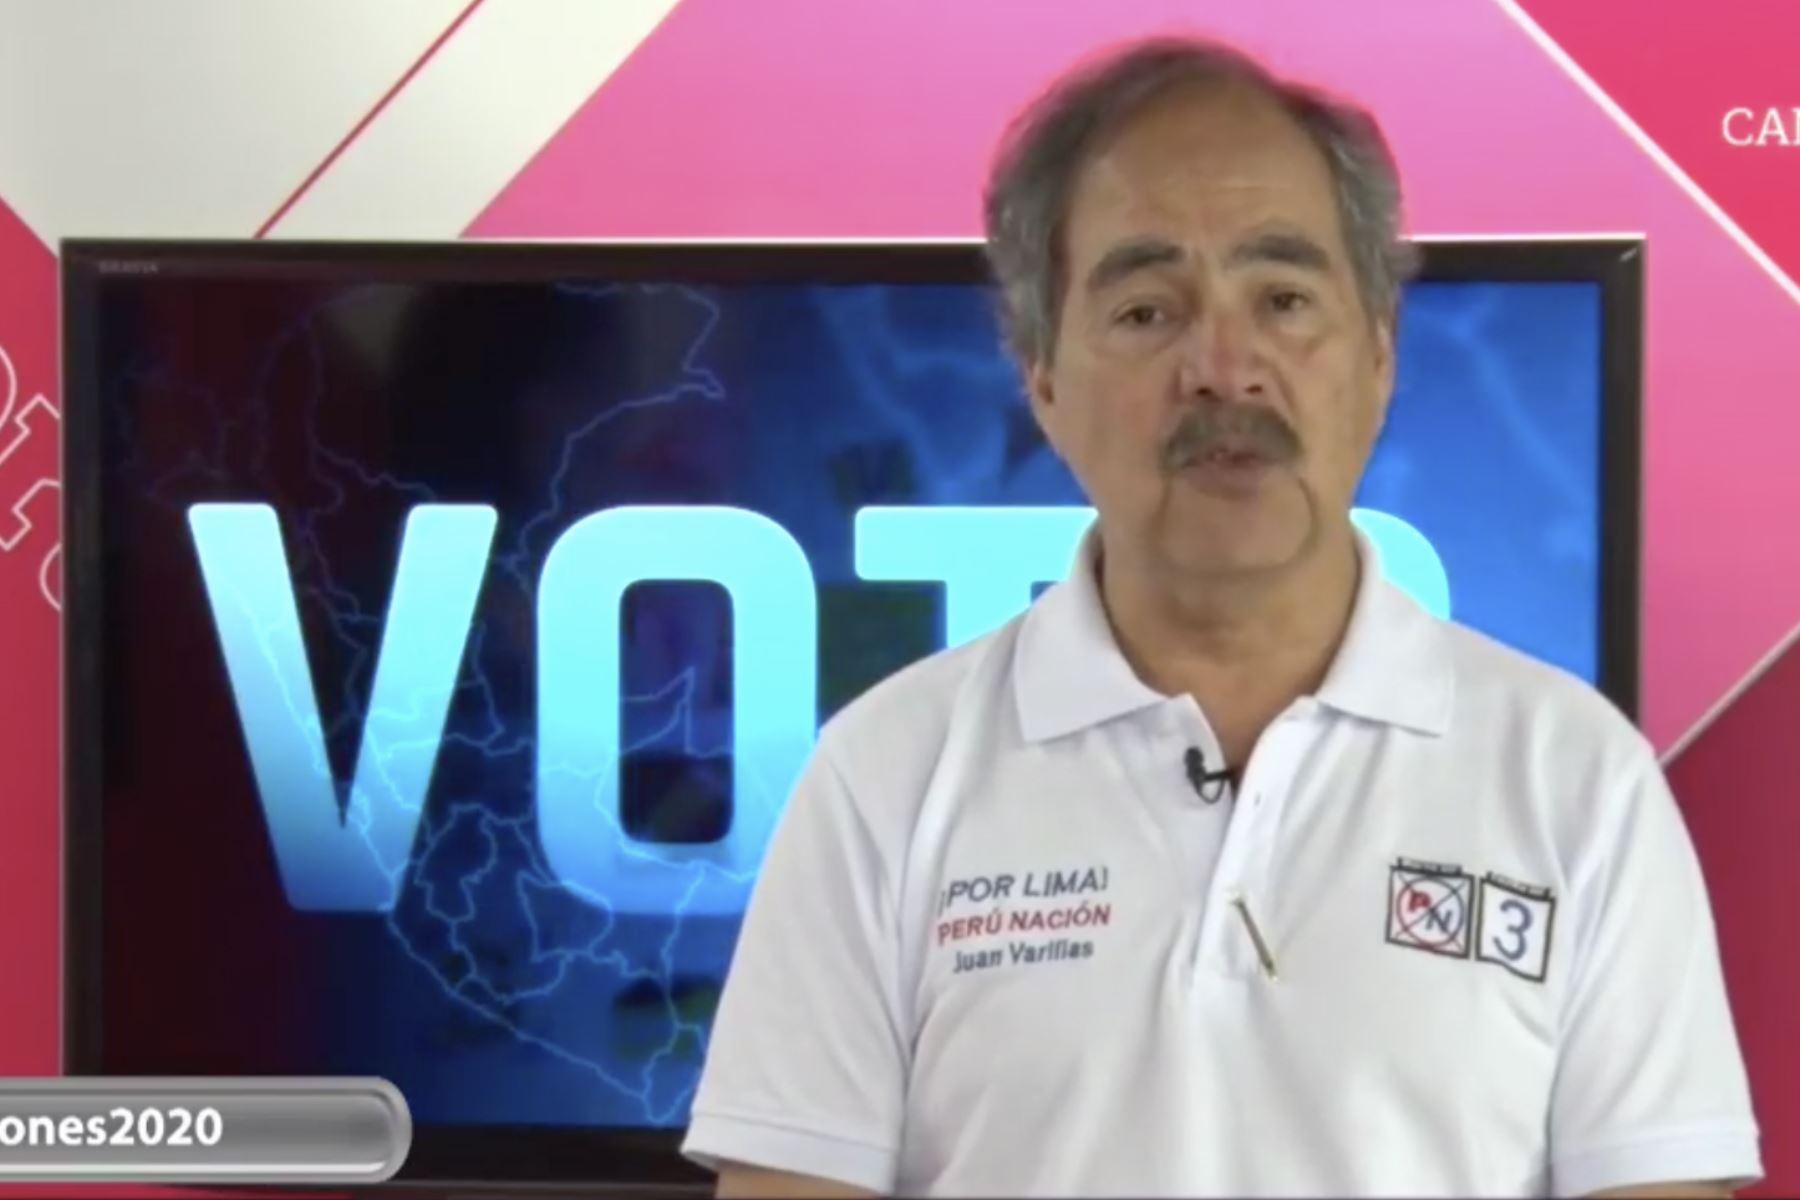 16/01/2020   Juan Varilias, candidato por Perú Nación. Foto: Captura TV.